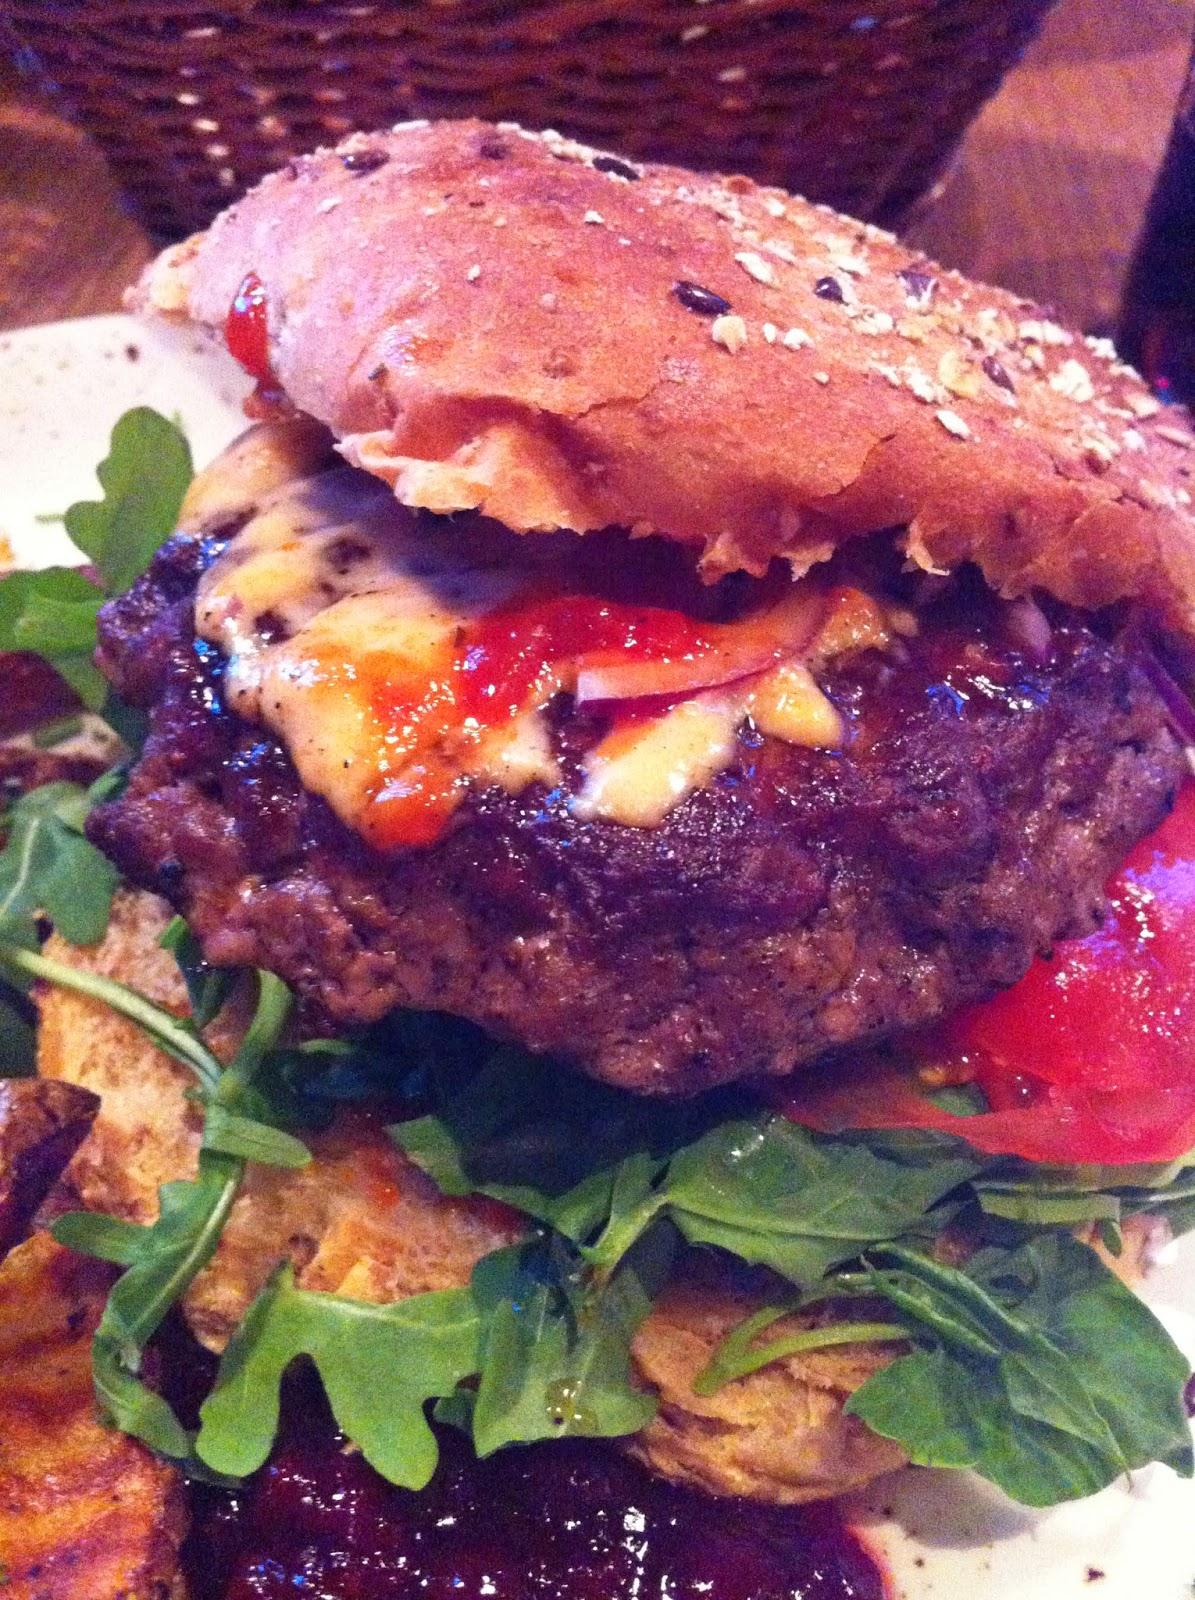 germanys best burger: die küche, mannheim